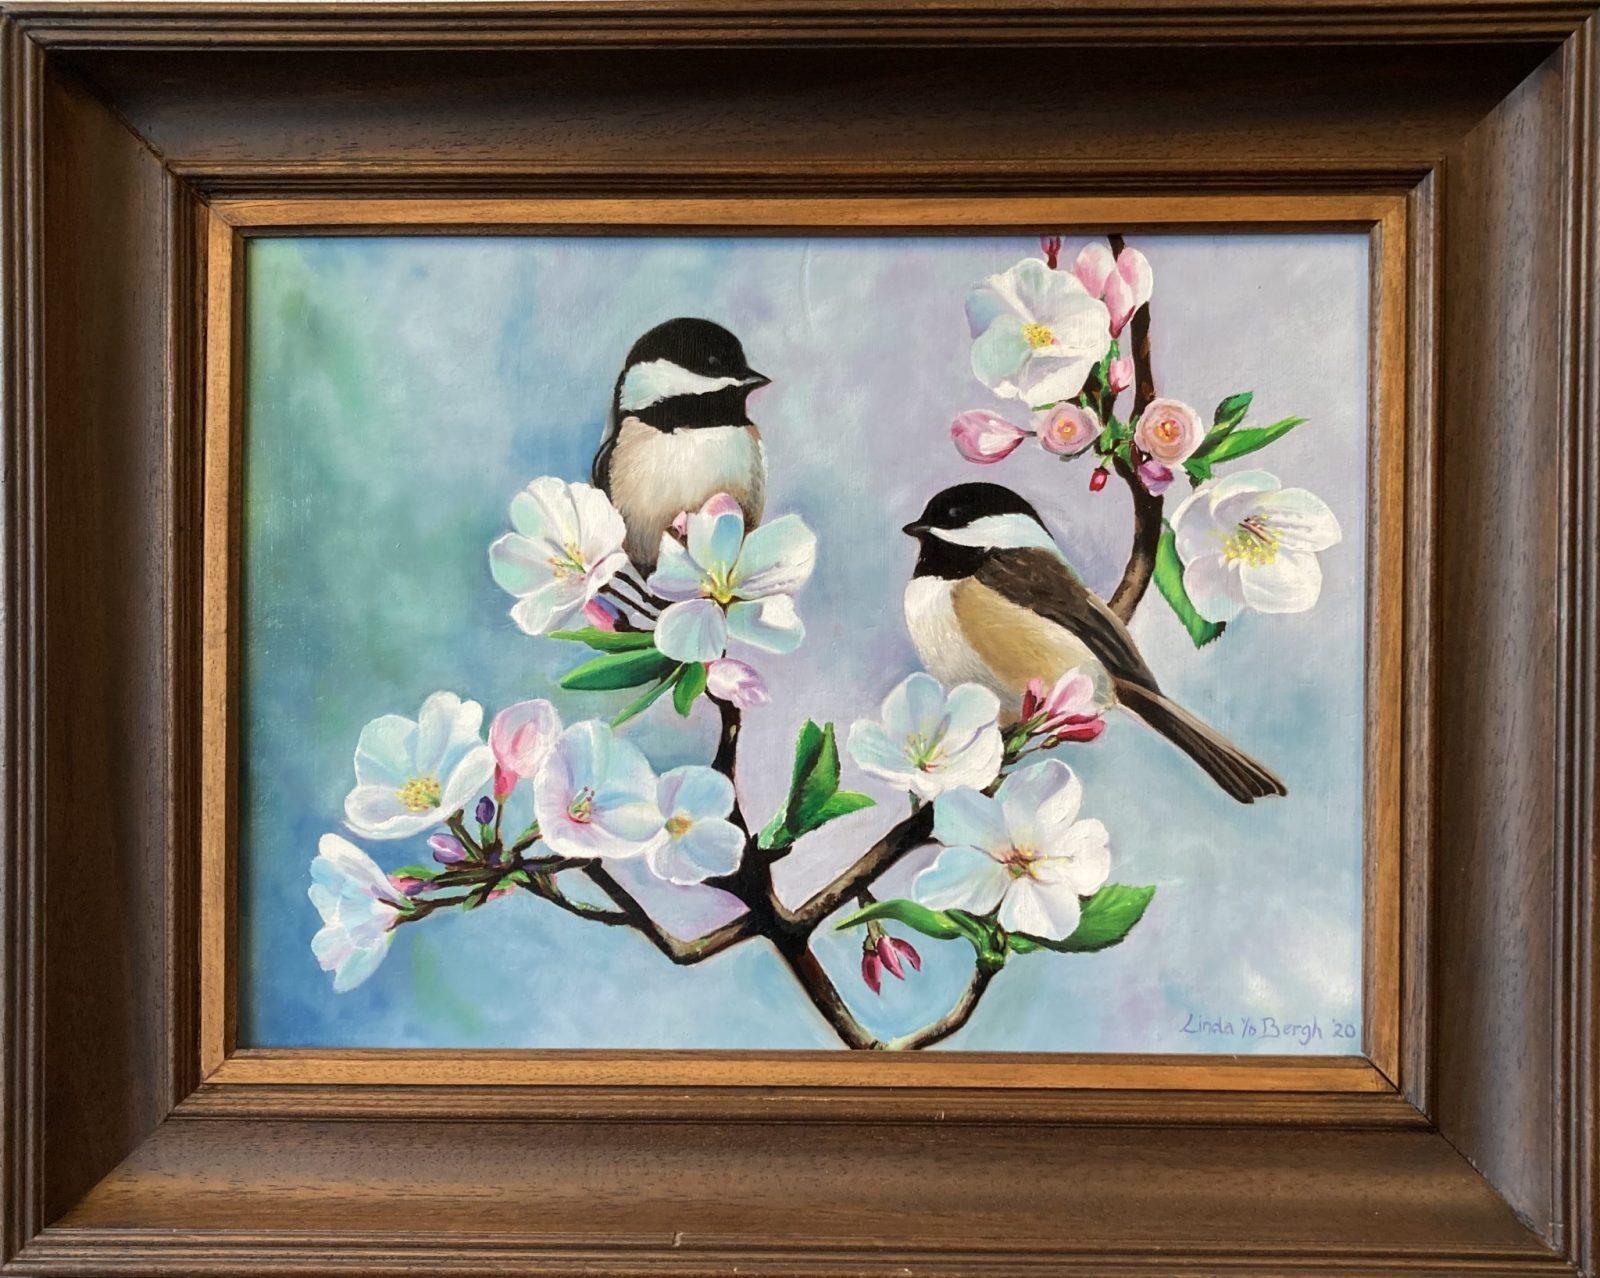 Olieverf schilderij van vogels met bloesem door Linda van den Bergh